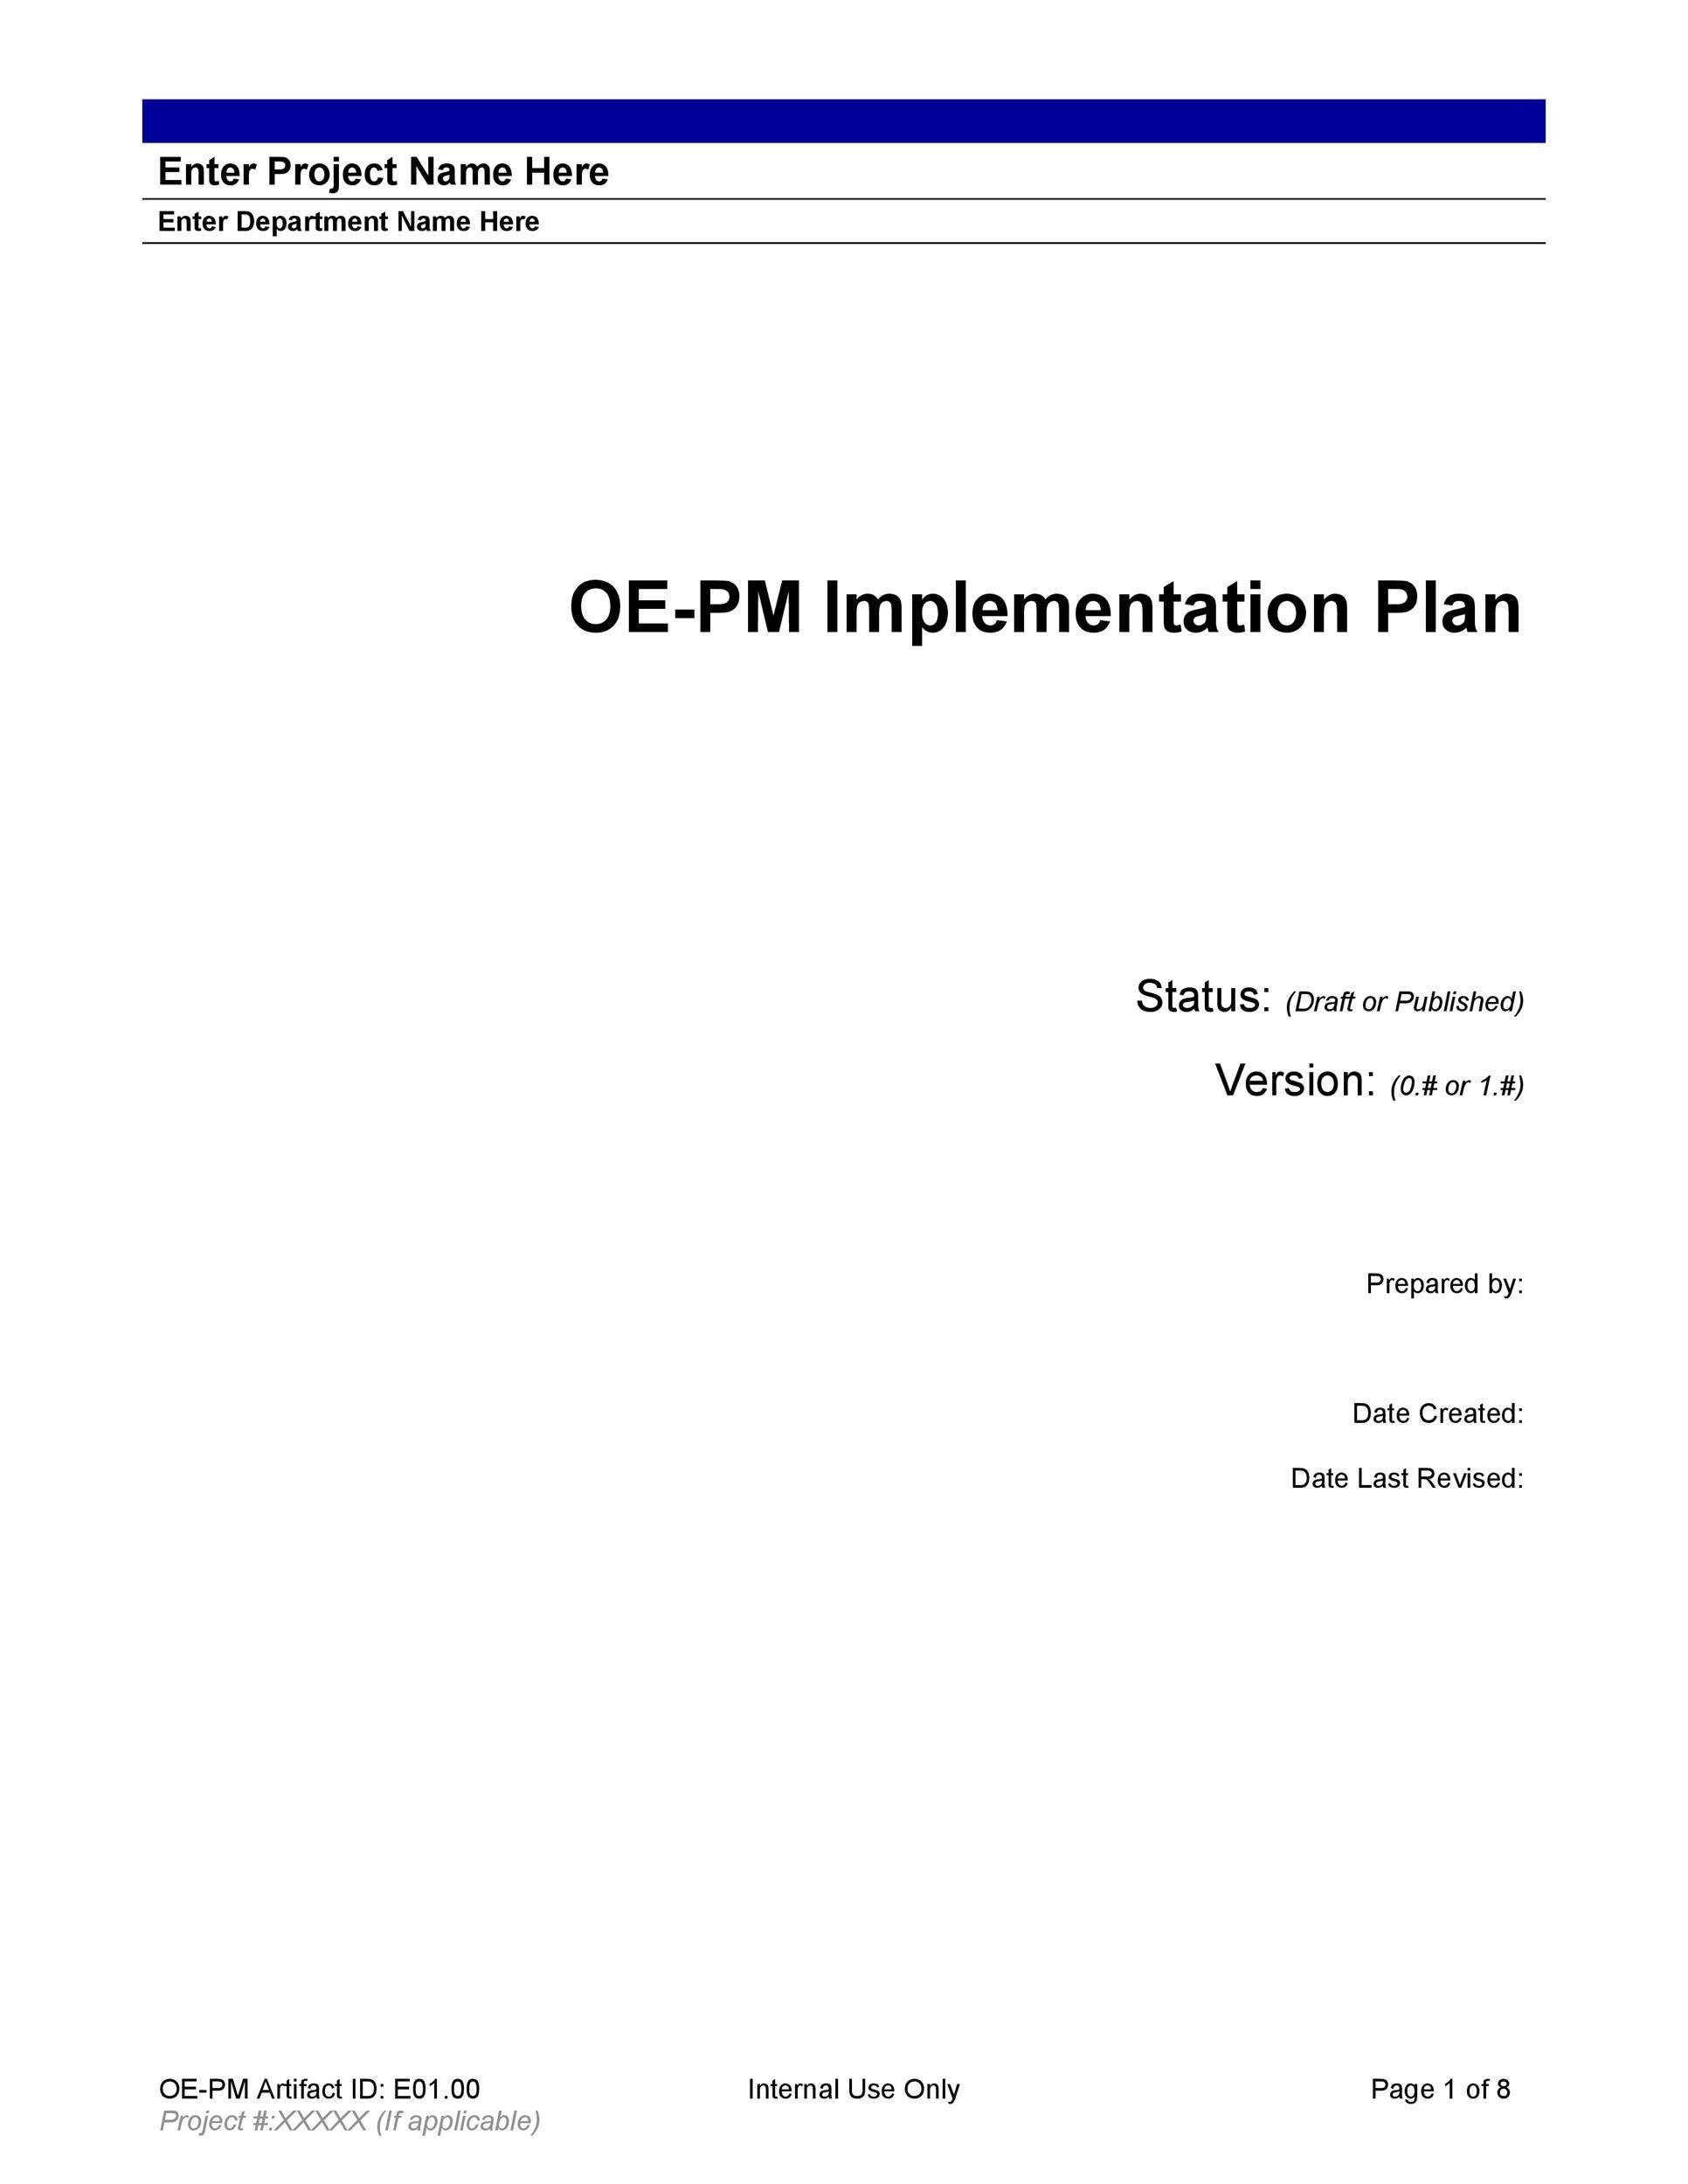 Free implementation plan 19